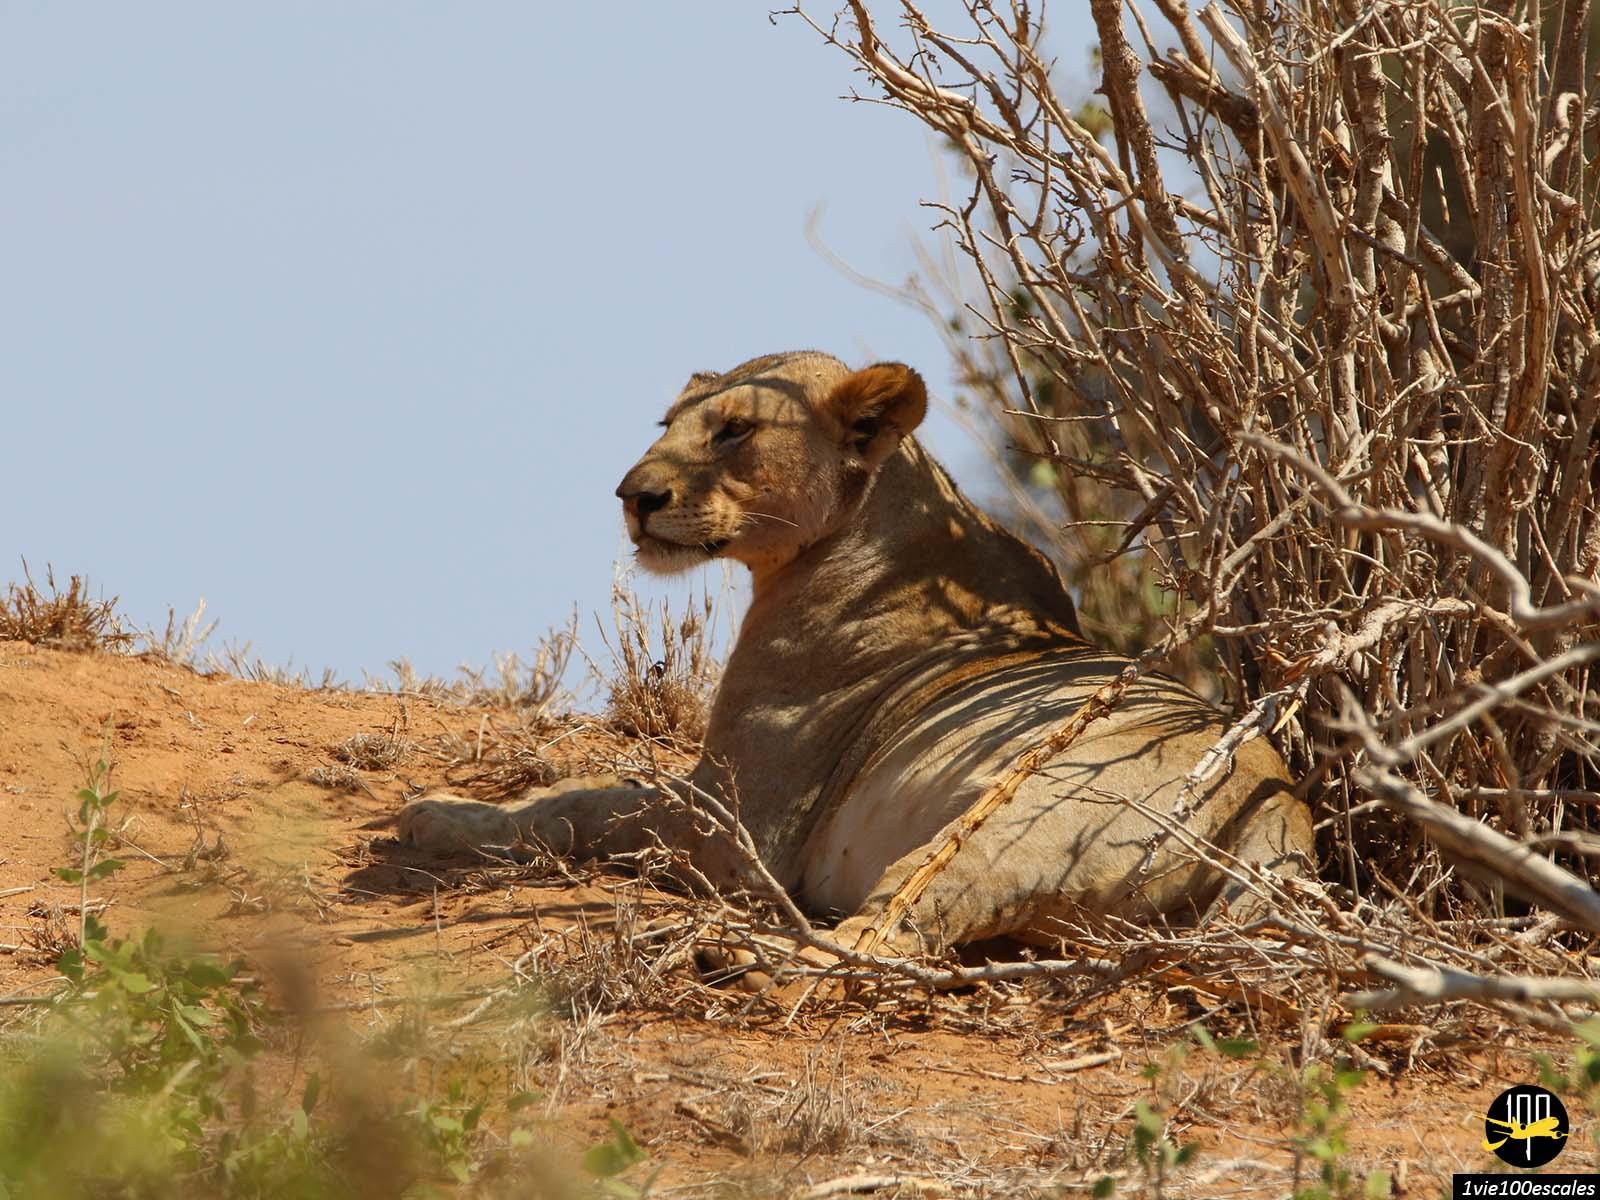 Escale #097 Parc national de Tsavo East